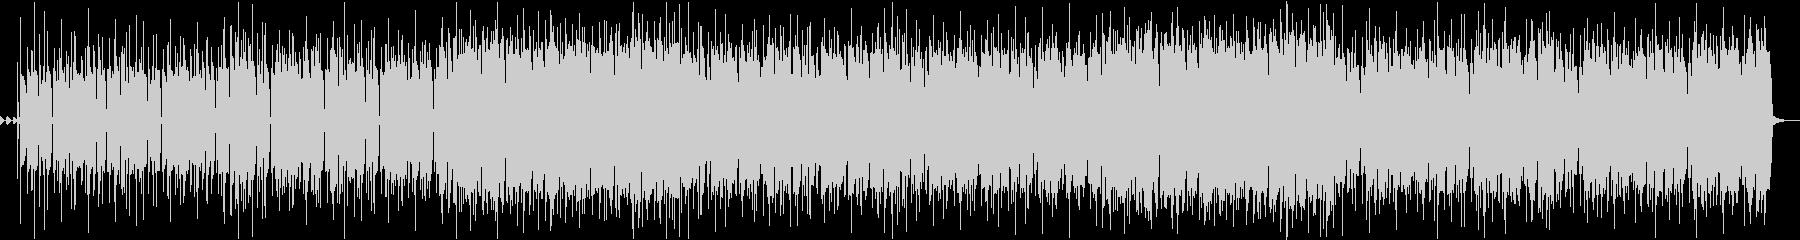 カッティングがクールなファンクロックの未再生の波形